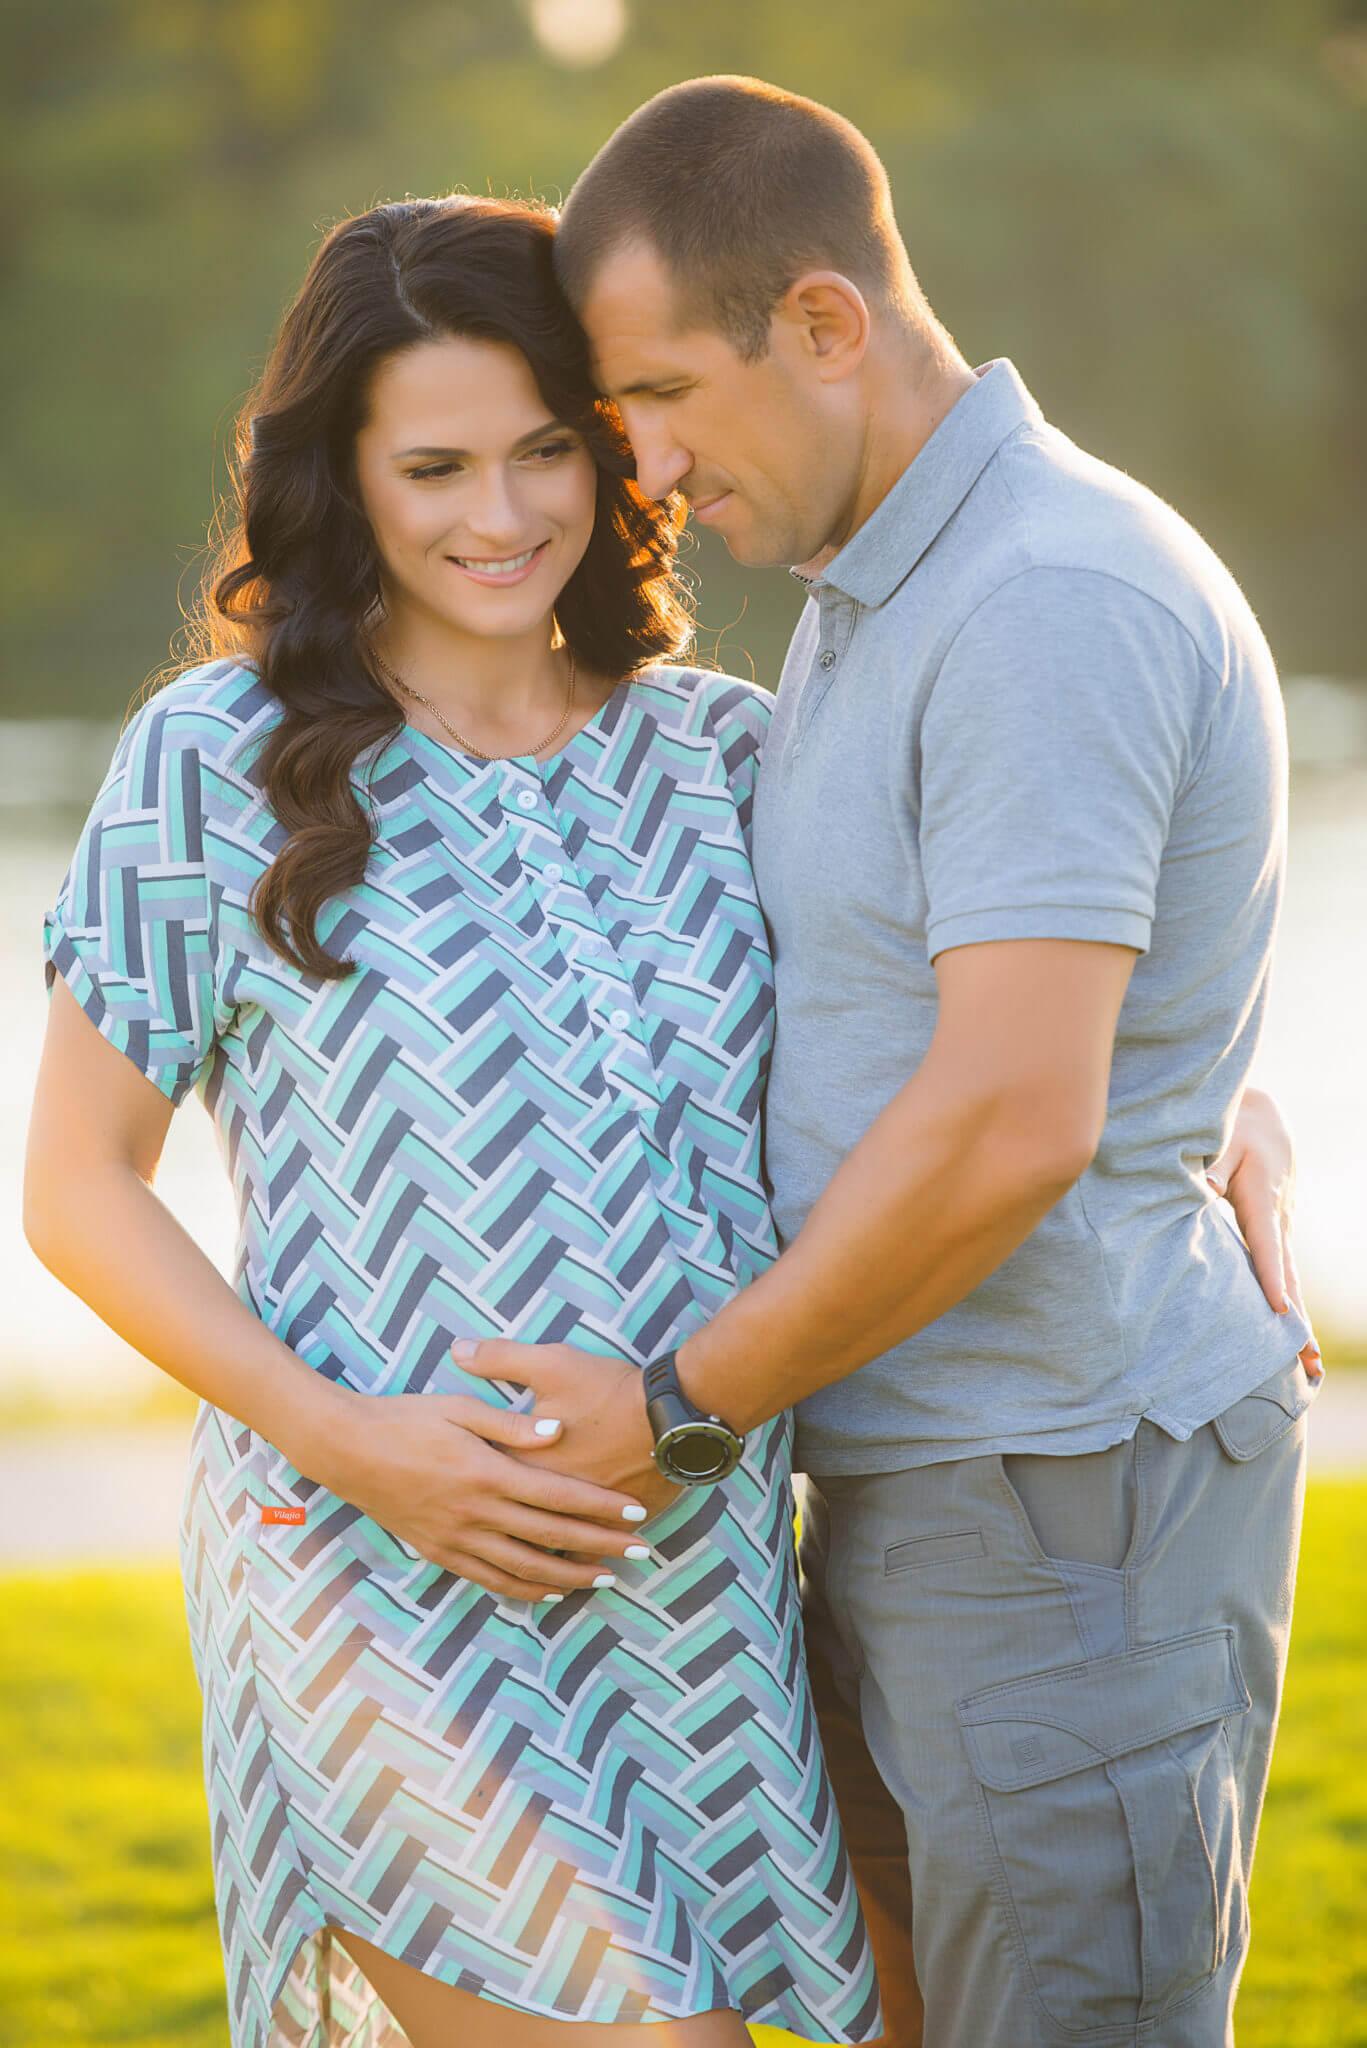 Фотосессия беременных на природе, портфолио, фото Черкасов, семейная пара на фоне реки